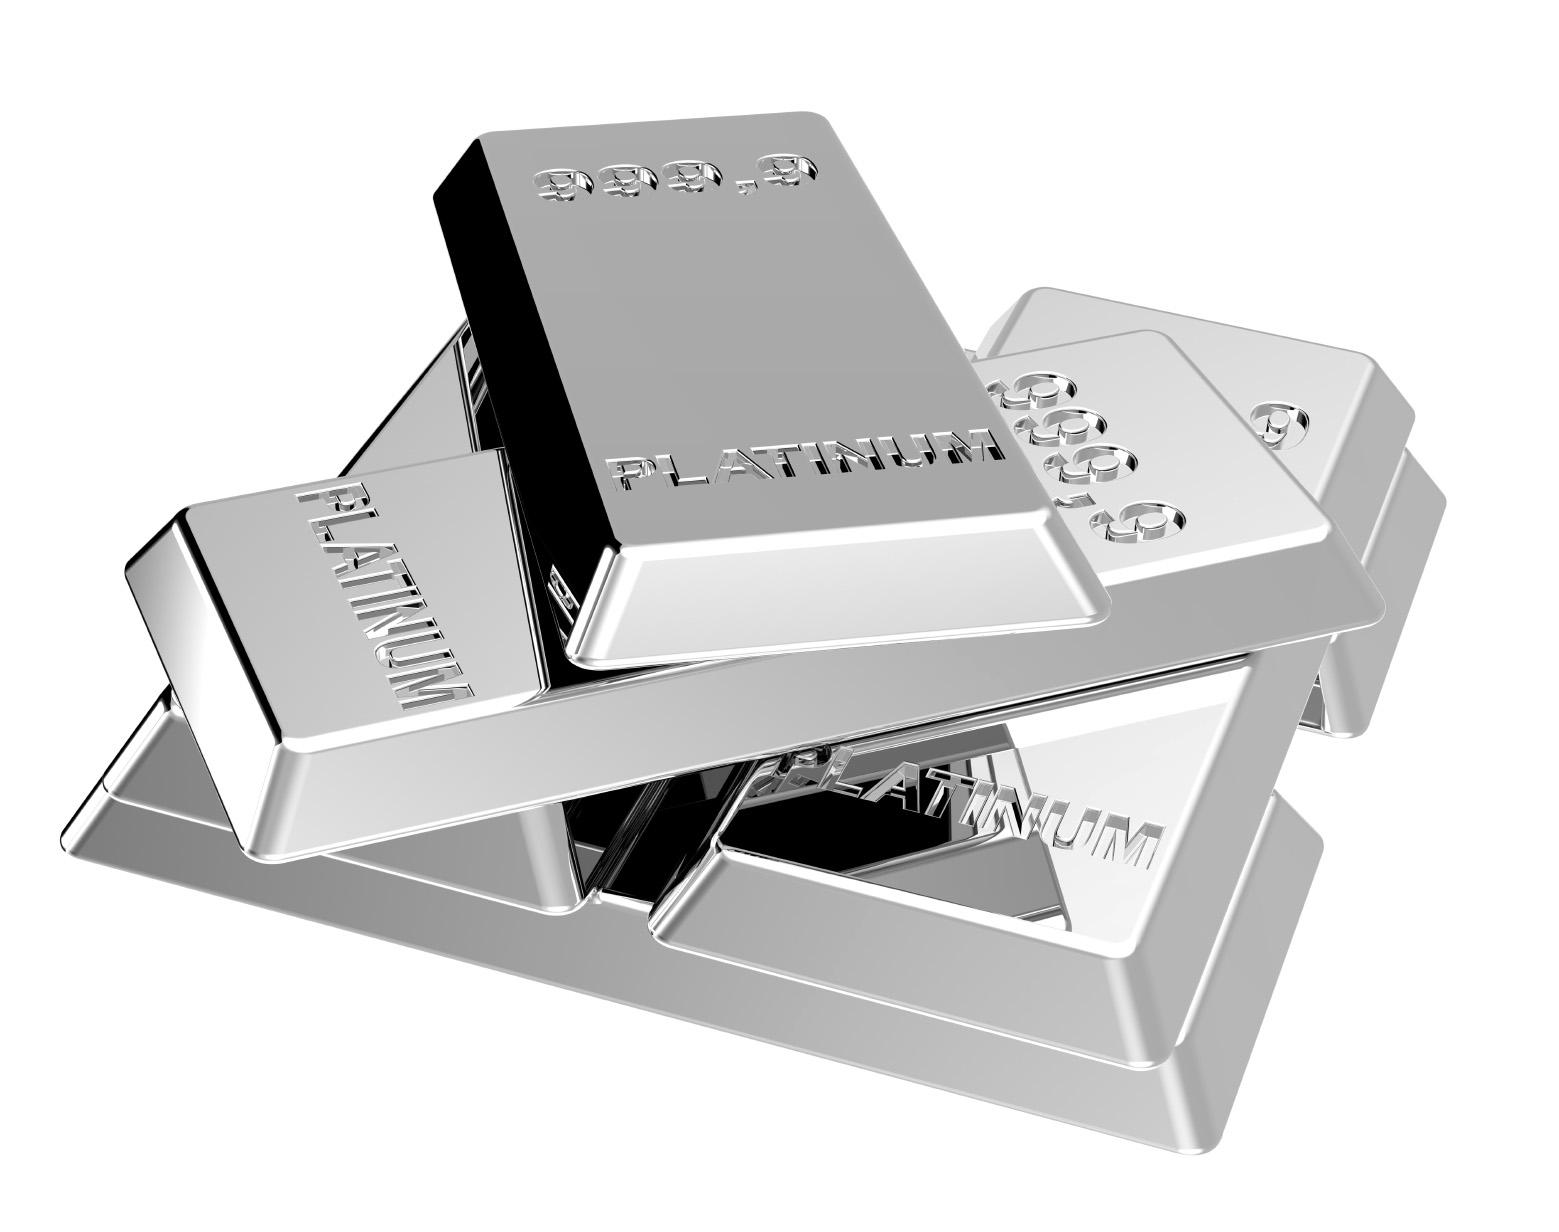 cena-na-platinu-prognoz-na-dekabr-2014-goda-dinamika-rosta-i-kotirovki-cen1